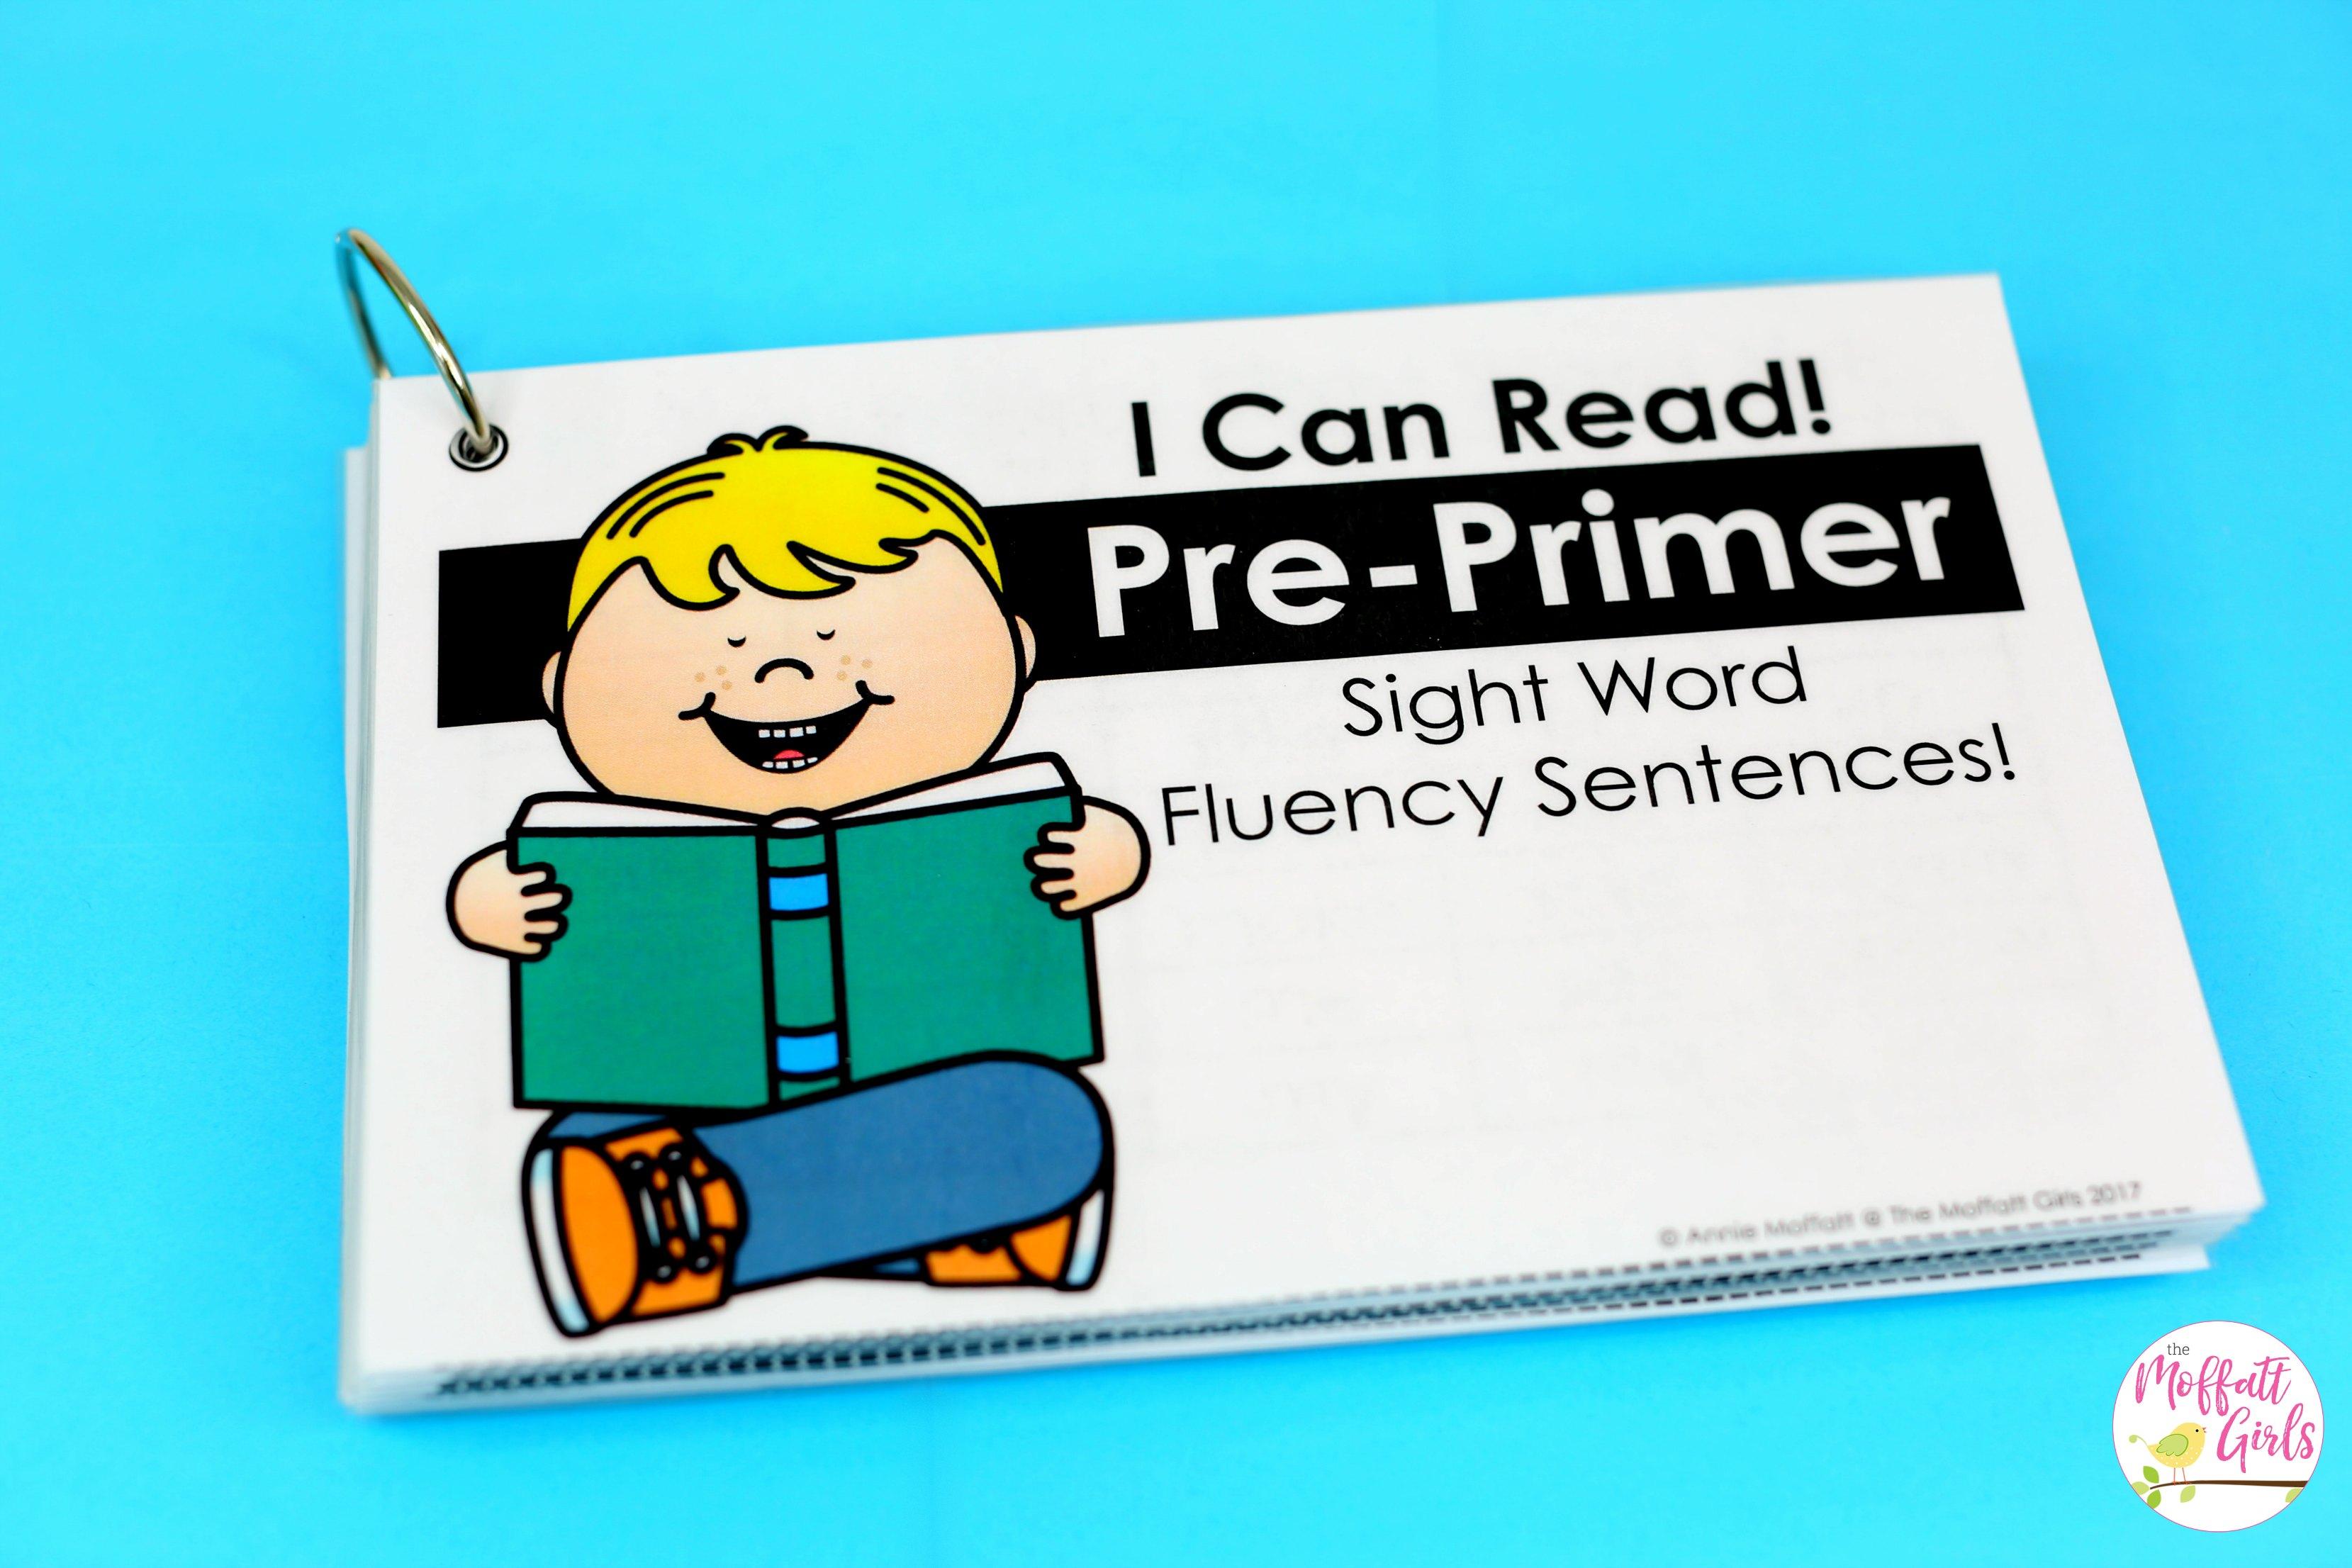 Pyramid Fluency Sentences Cover